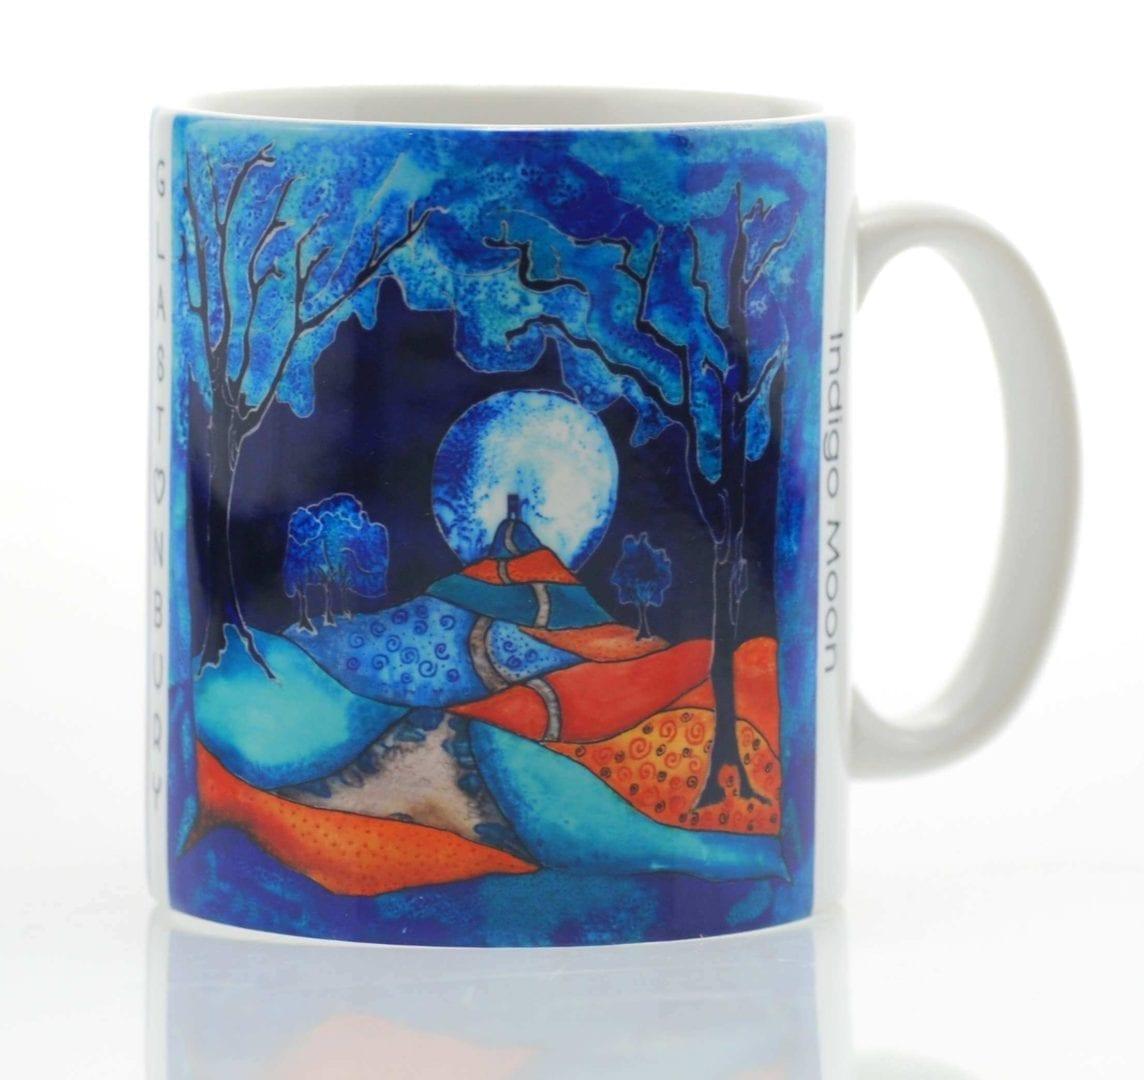 Indigo Moon Mug